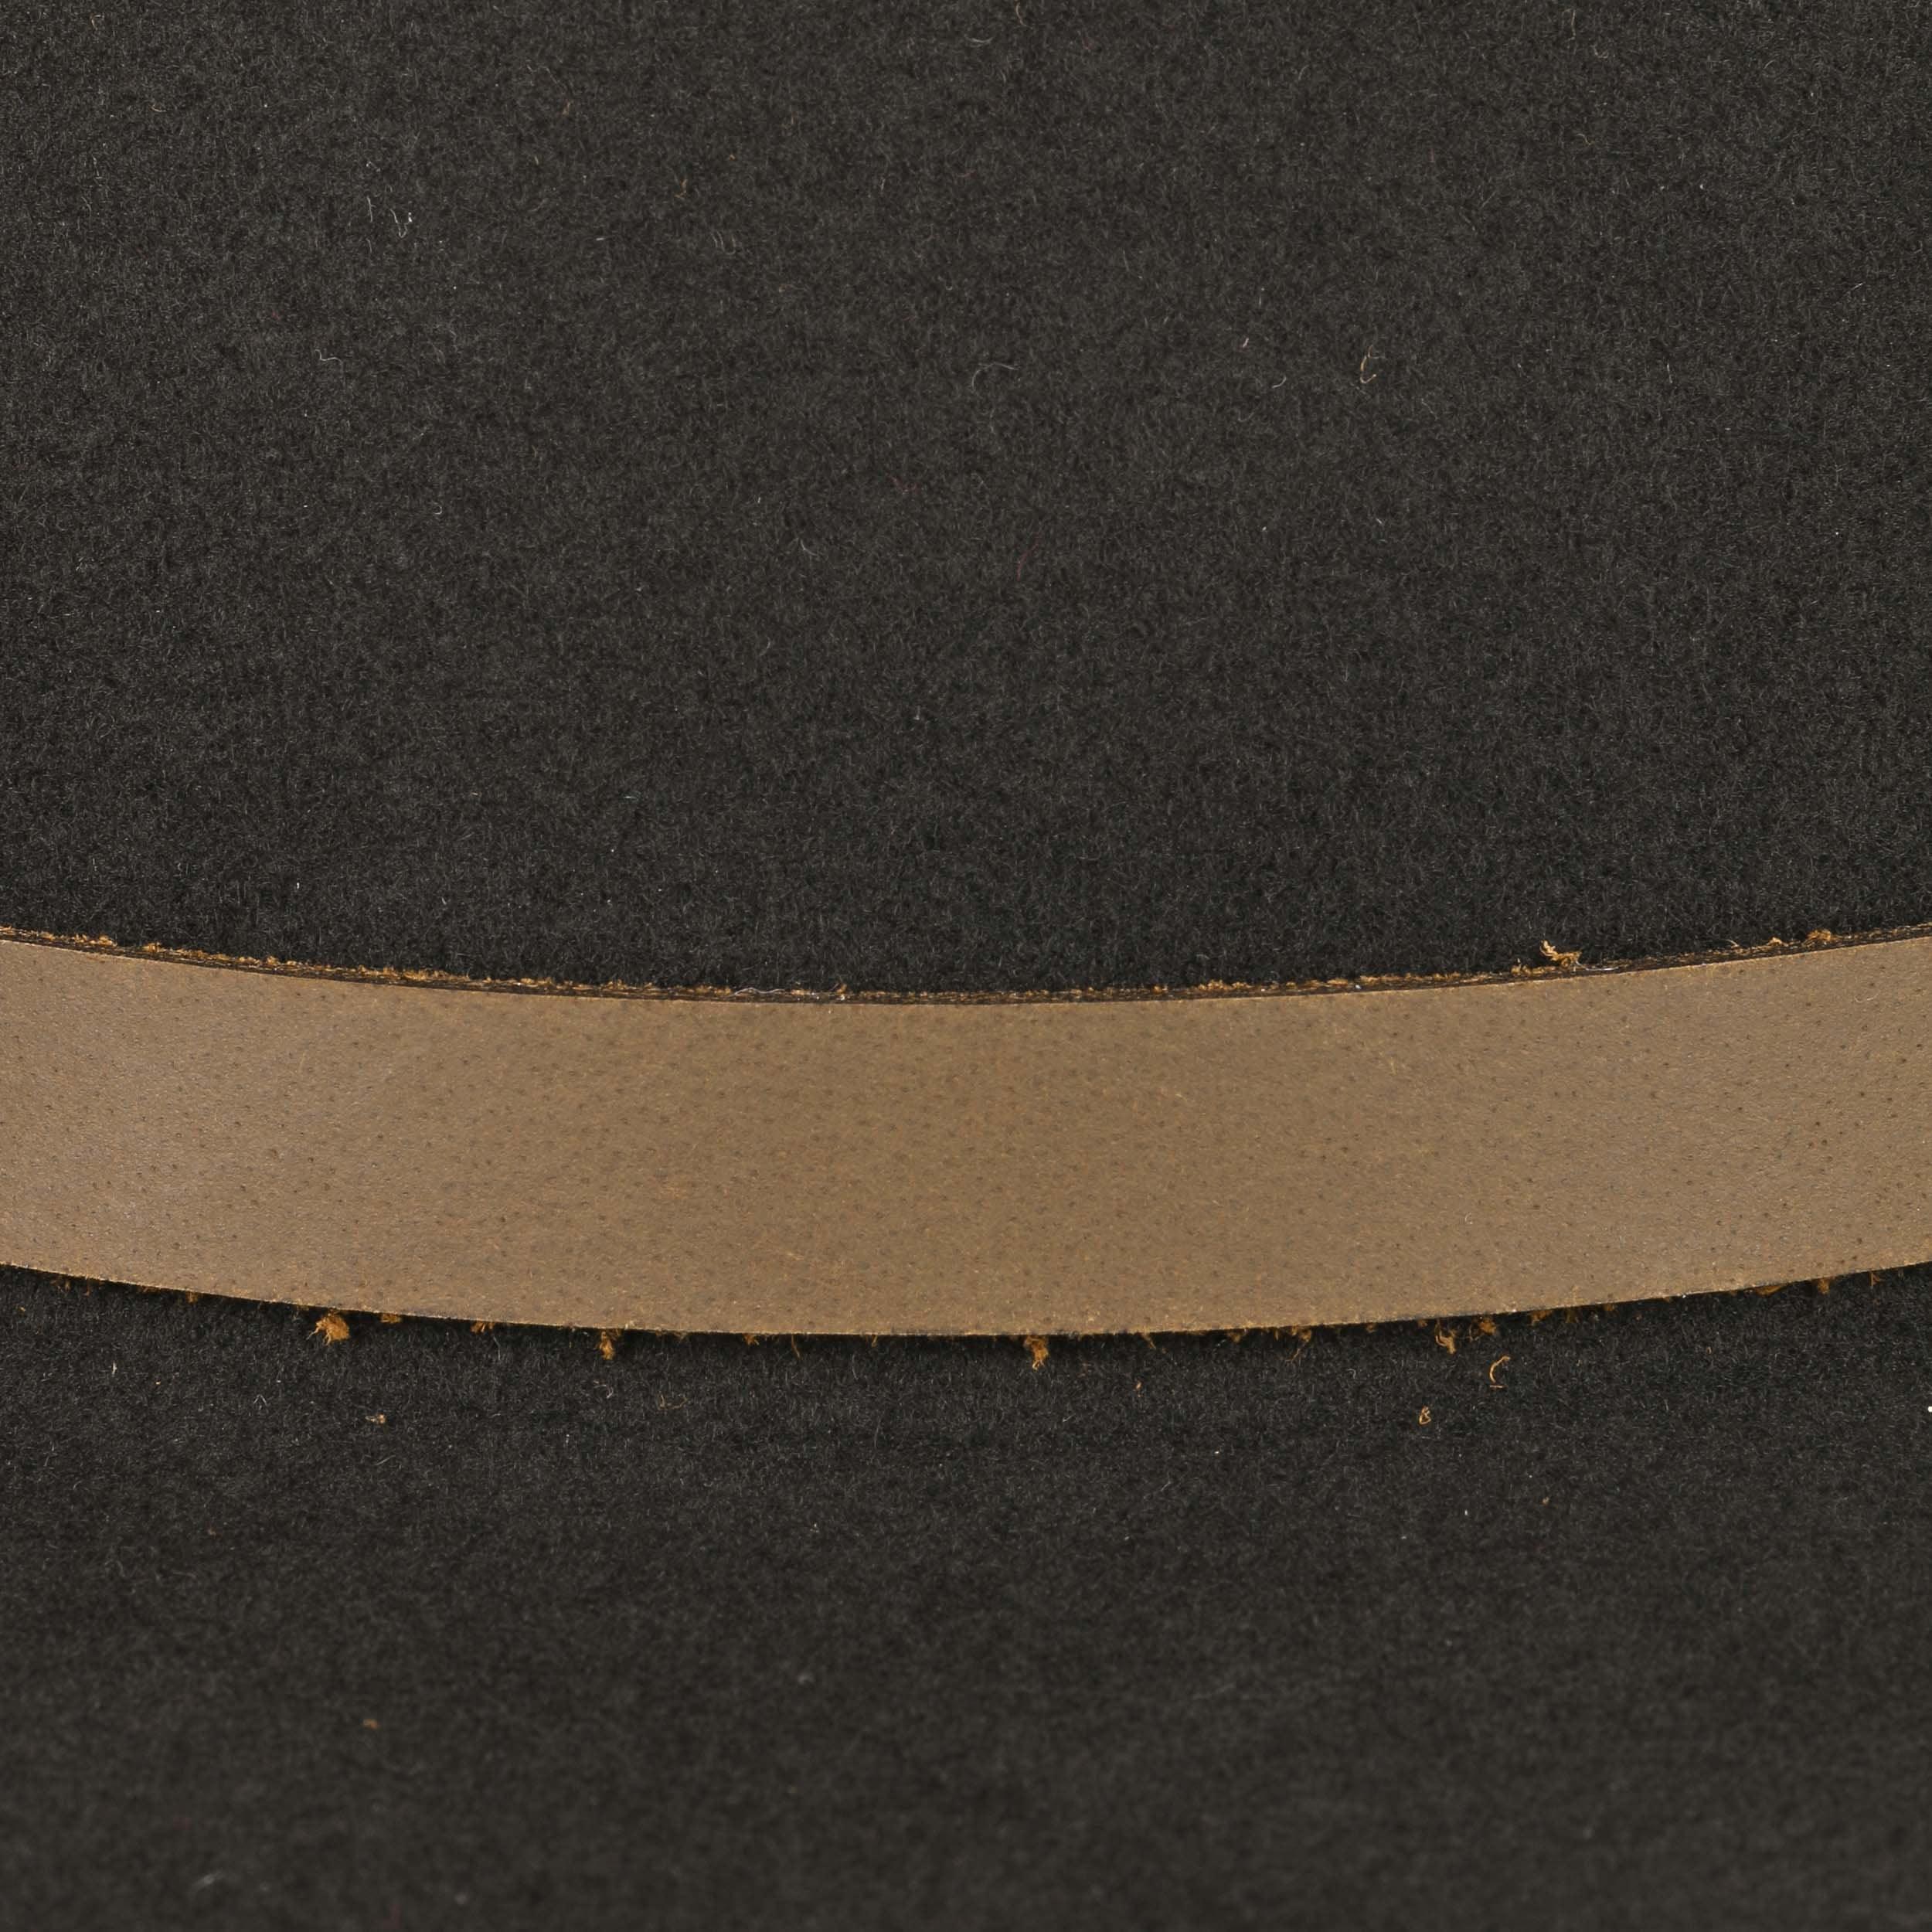 ... Hamlin VitaFelt Traveller Hat by Stetson - brown 4 ... b13455a5485